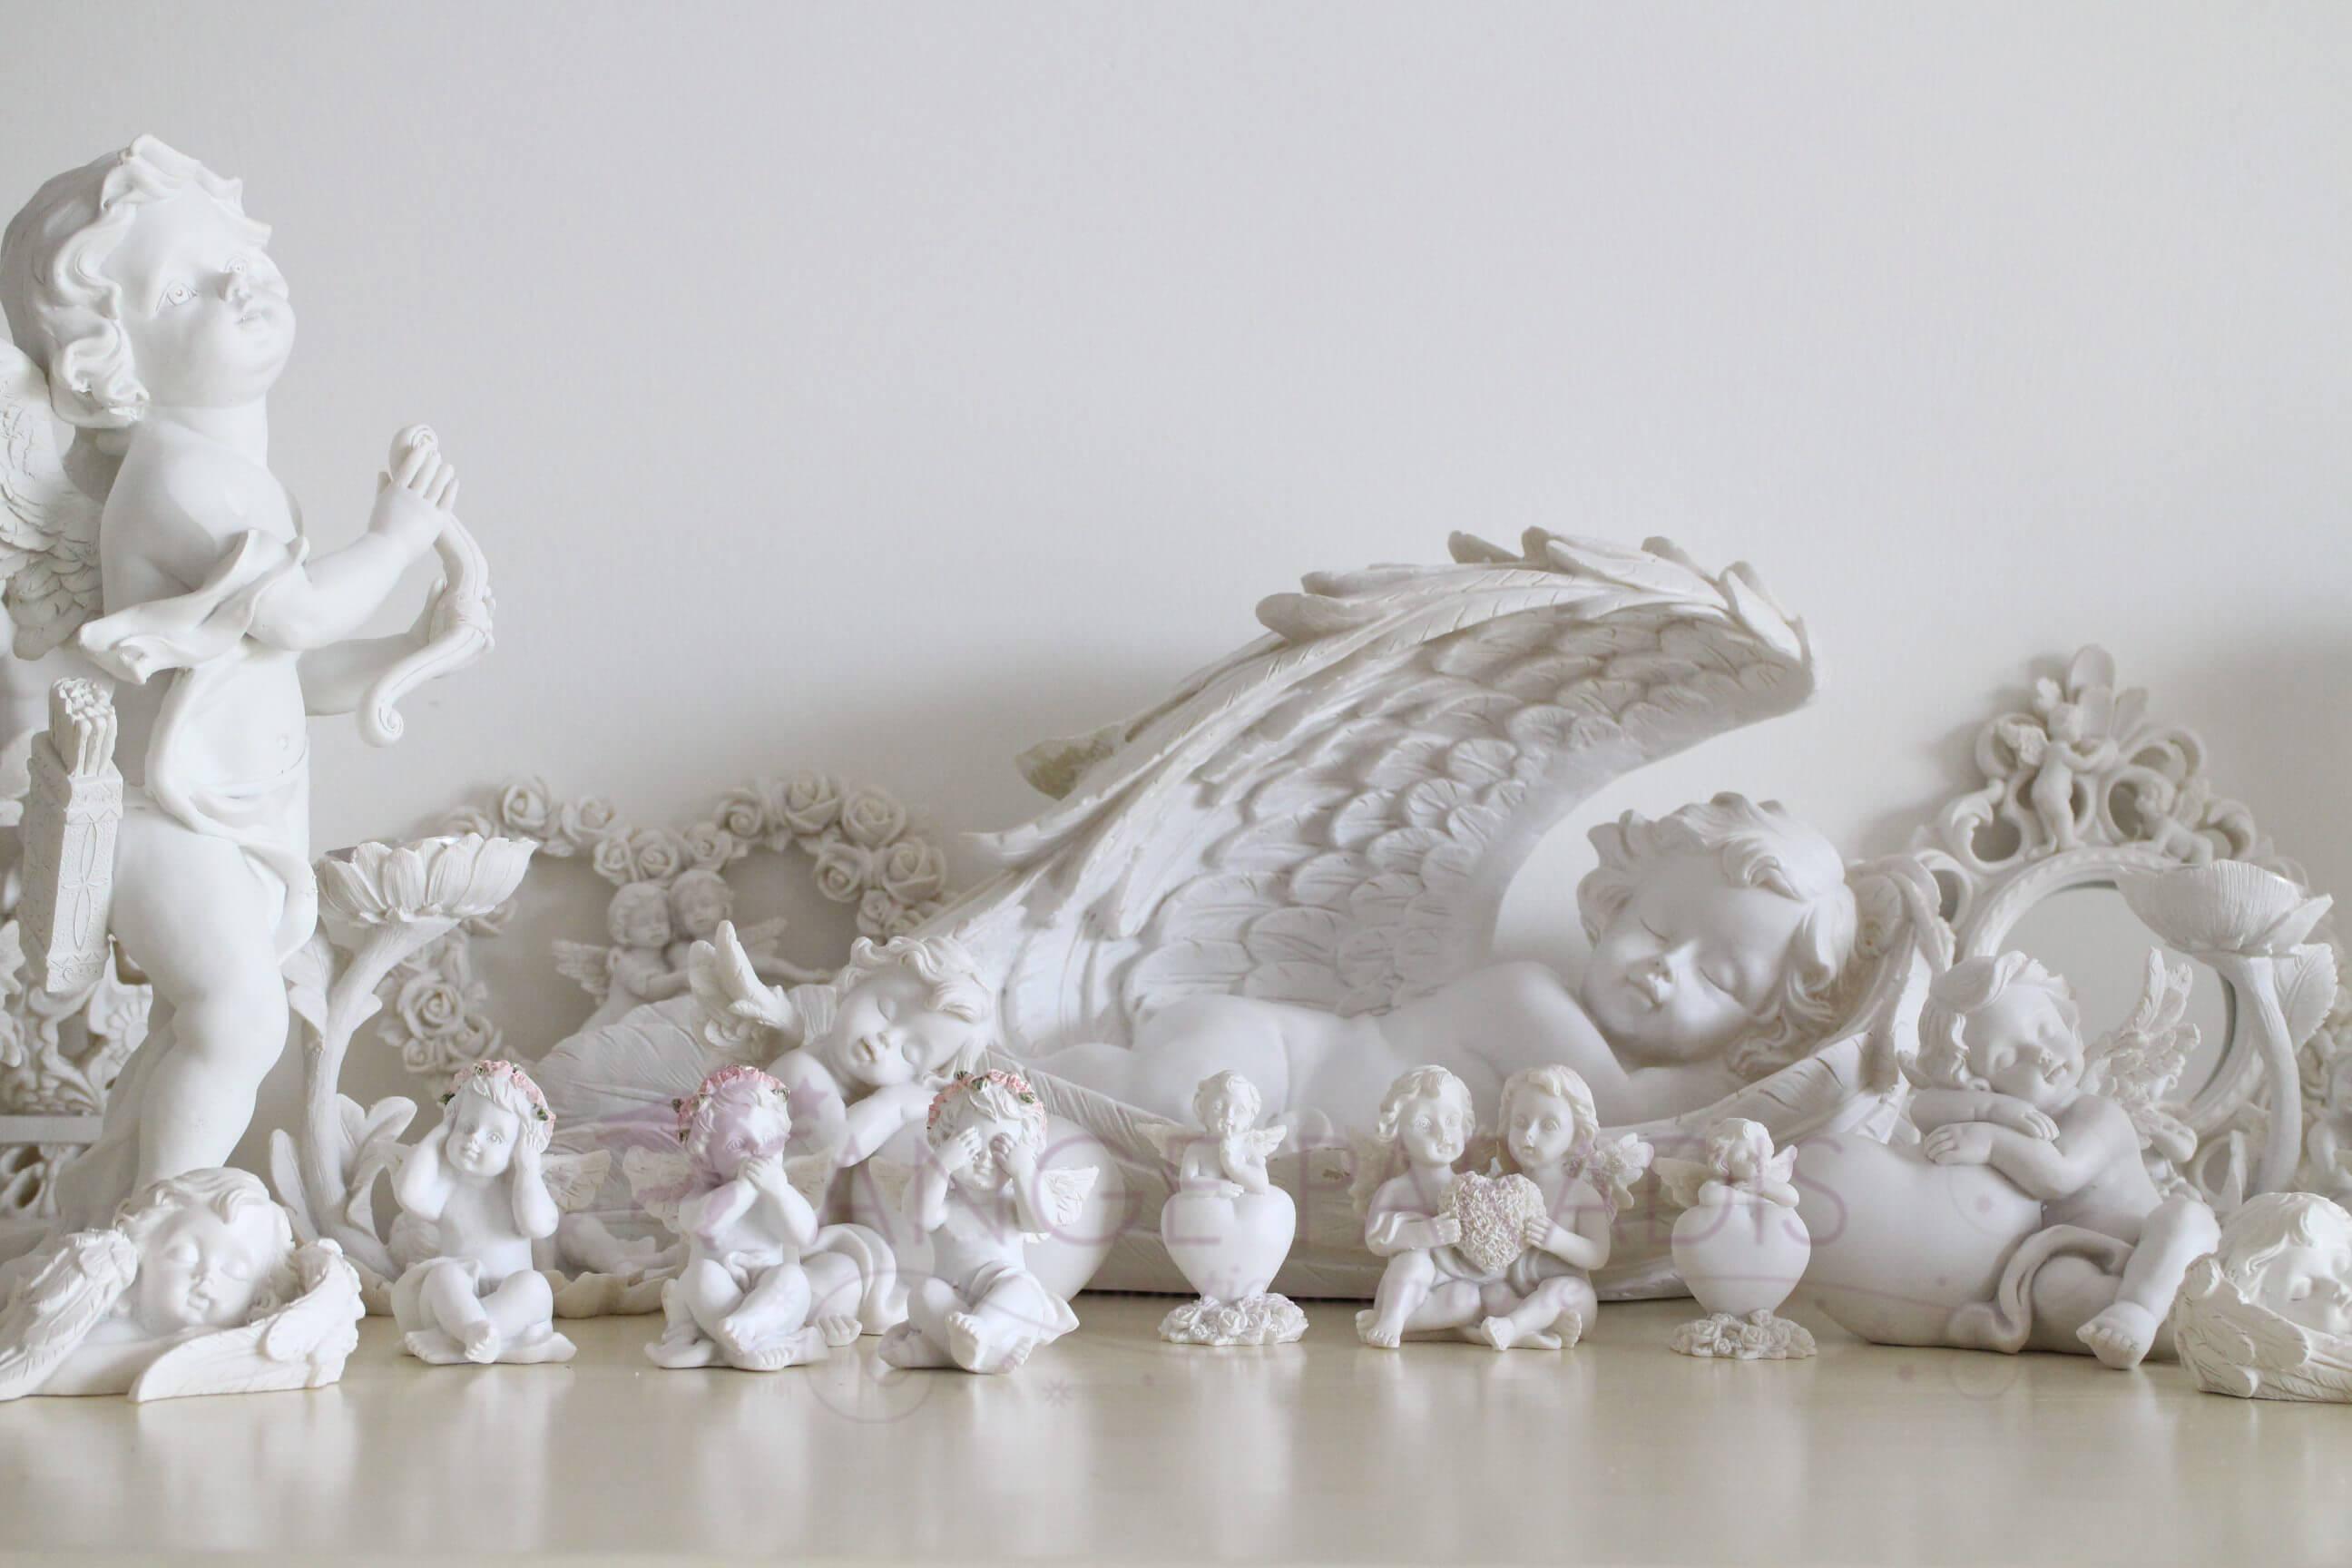 Cadeaux avec anges en blanc boutique de statues d 39 anges figurines d 39 ange ange paradis - Statue d ange pour exterieur ...